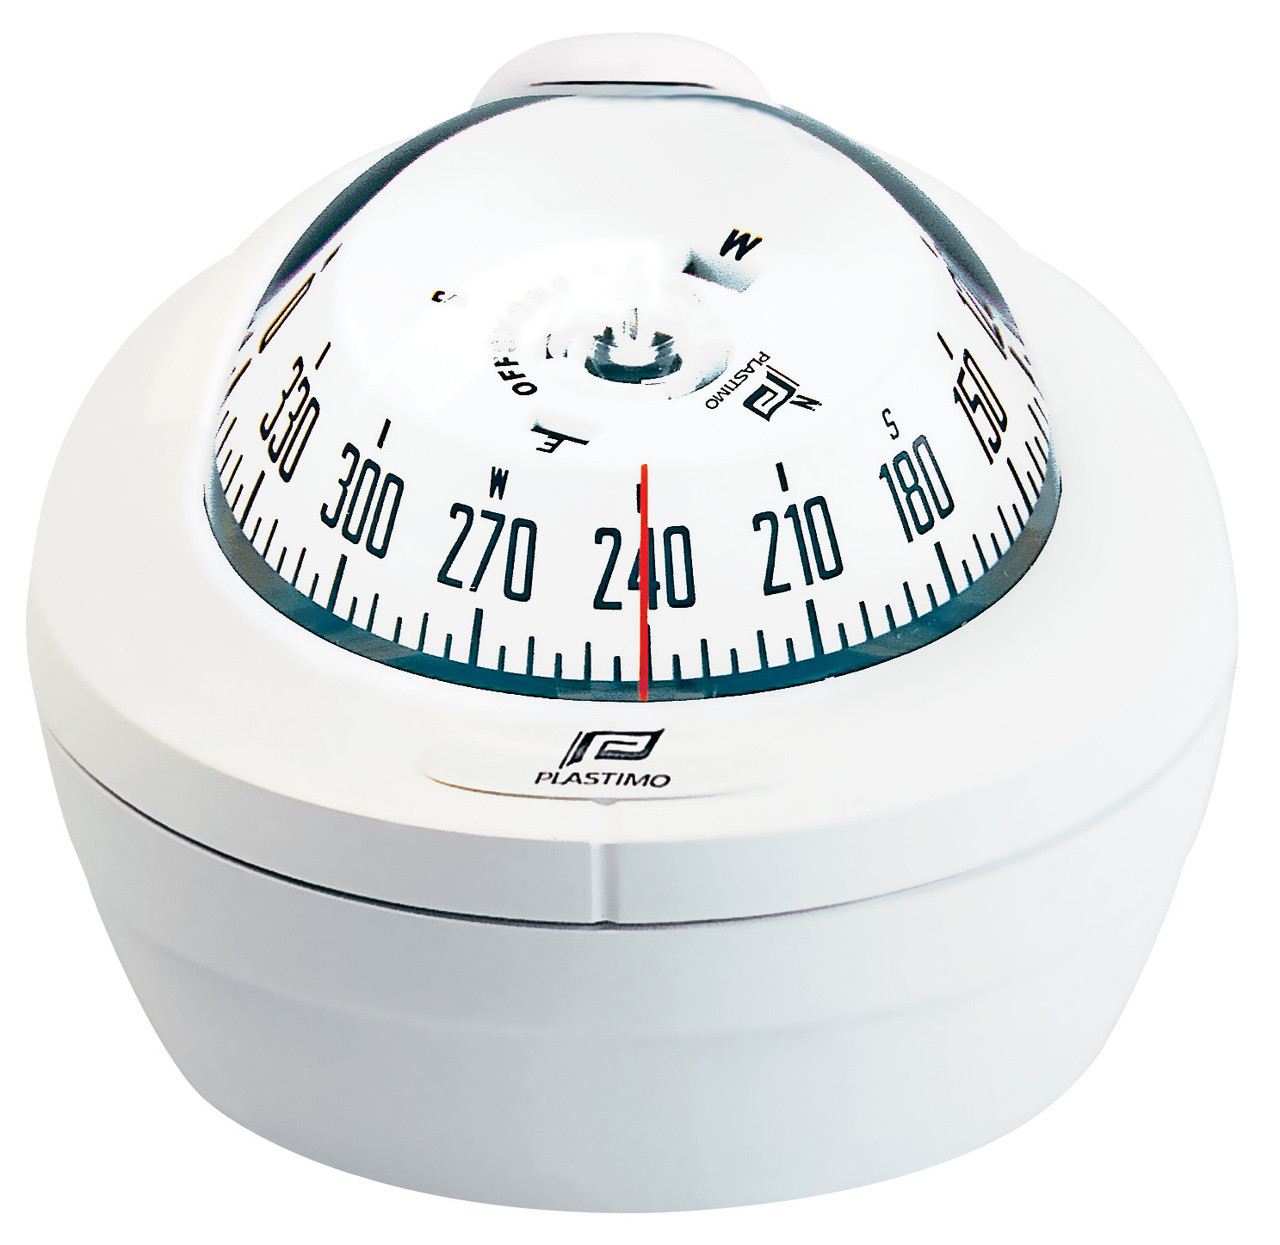 Offshore 75 Powerboat Compass - Binnacle, White